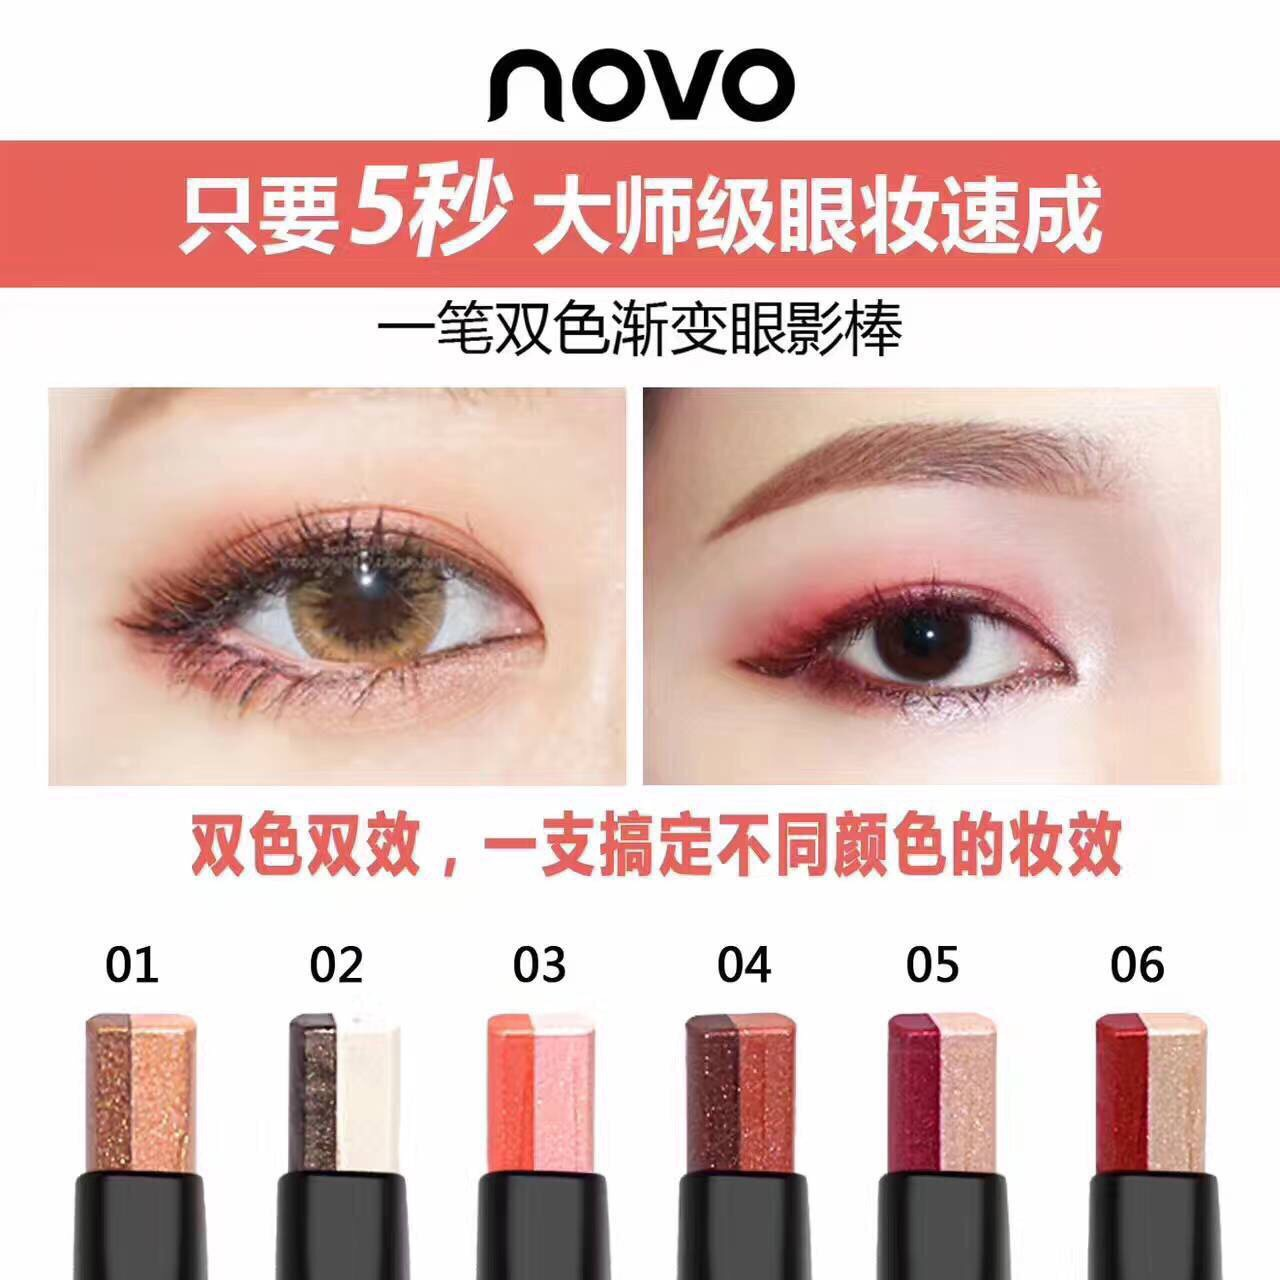 NOVO stereo two color silky eyeshadow อายแชโดว์ทูโทน สีใหม่ จากโนโว่ ราคาปลีก 100 บาท / ราคาส่ง 80 บาท